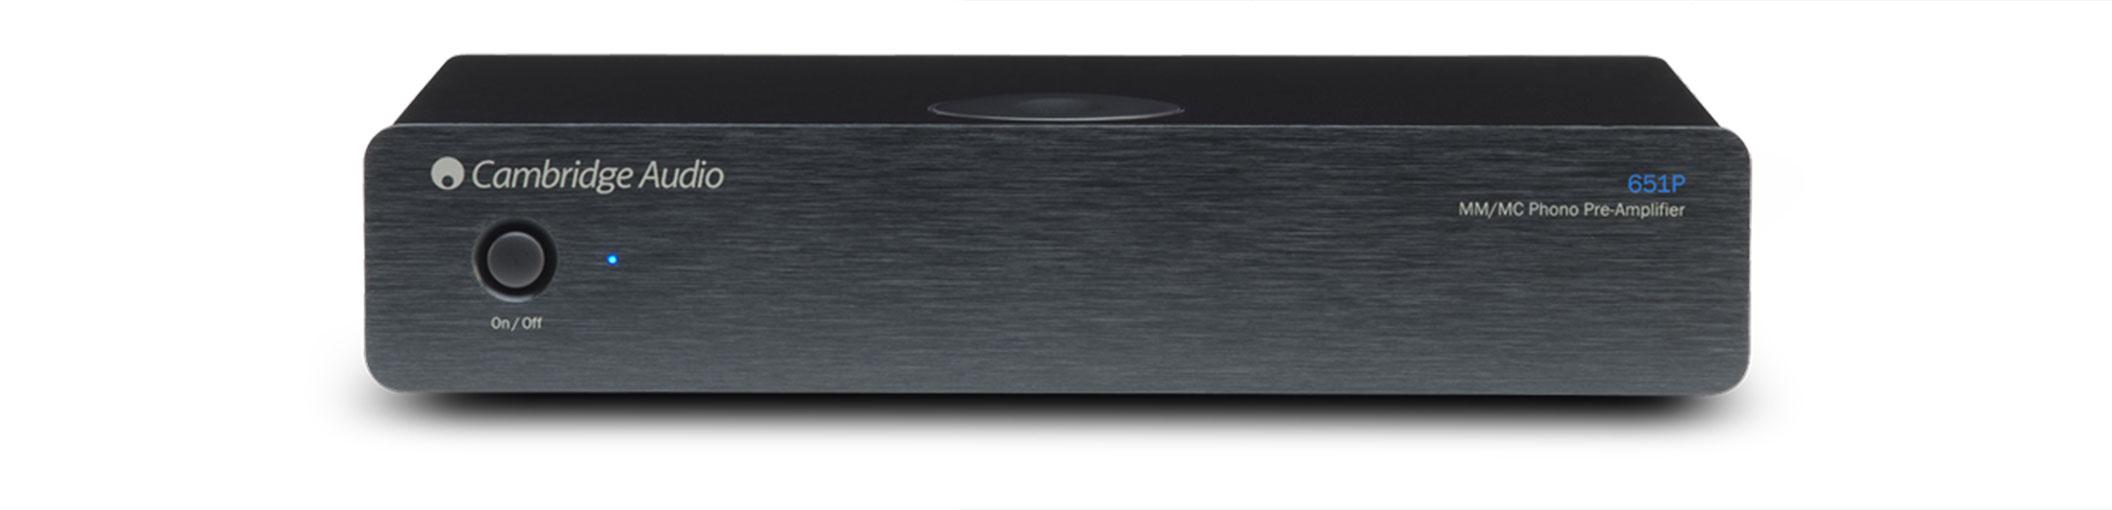 【651P 唱頭放大器】Cambridge Audio 英國劍橋音響 家庭劇院 CD BD AV 擴大機 數位串流 收音機